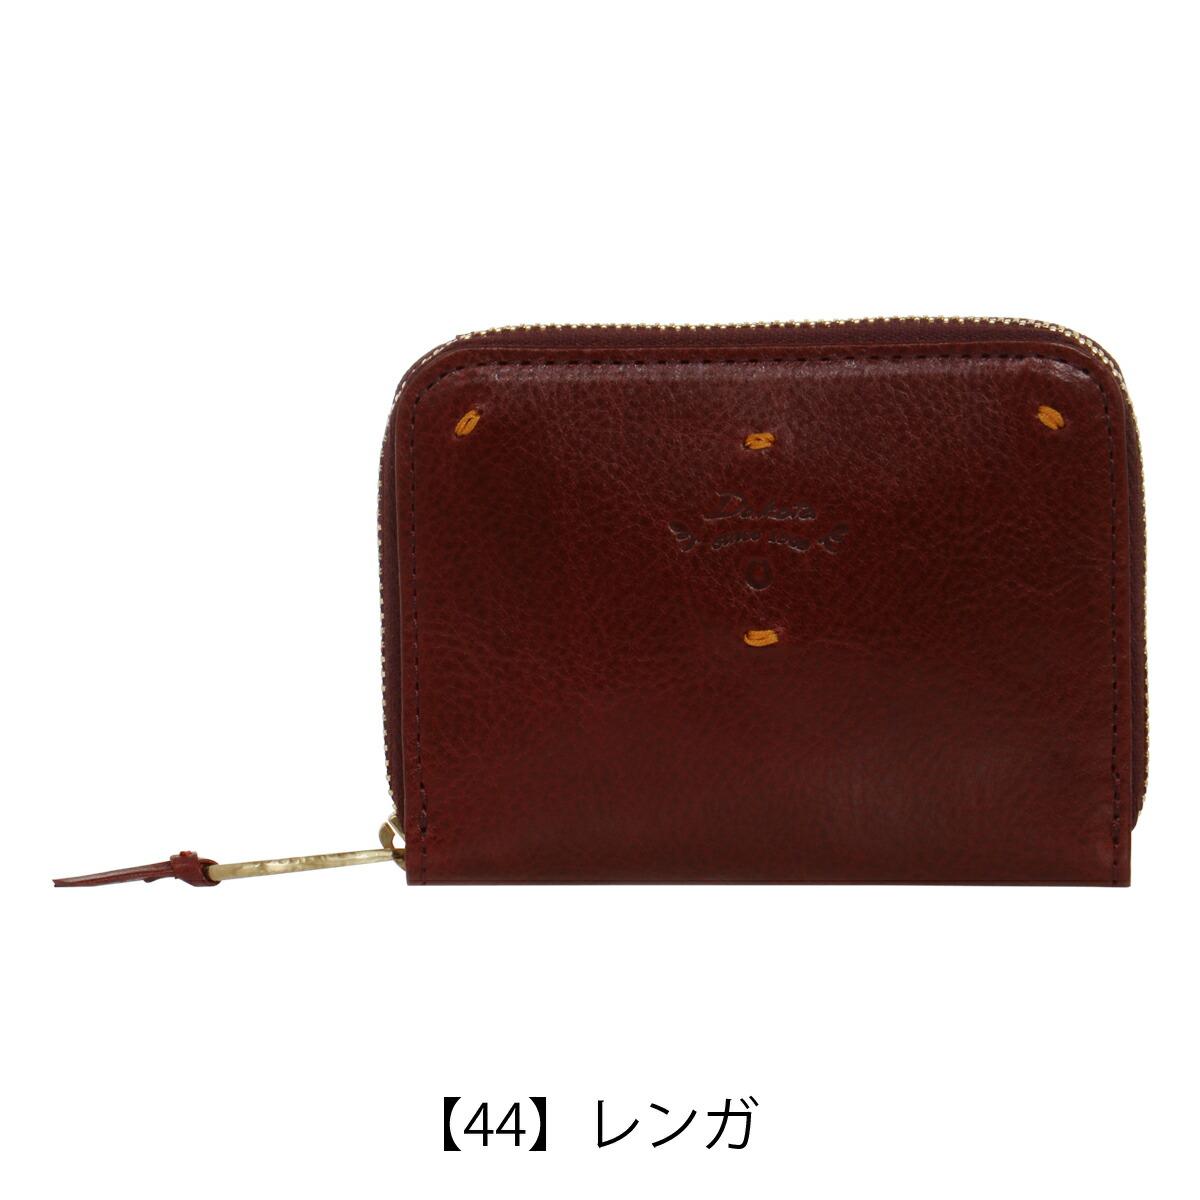 【44】レンガ